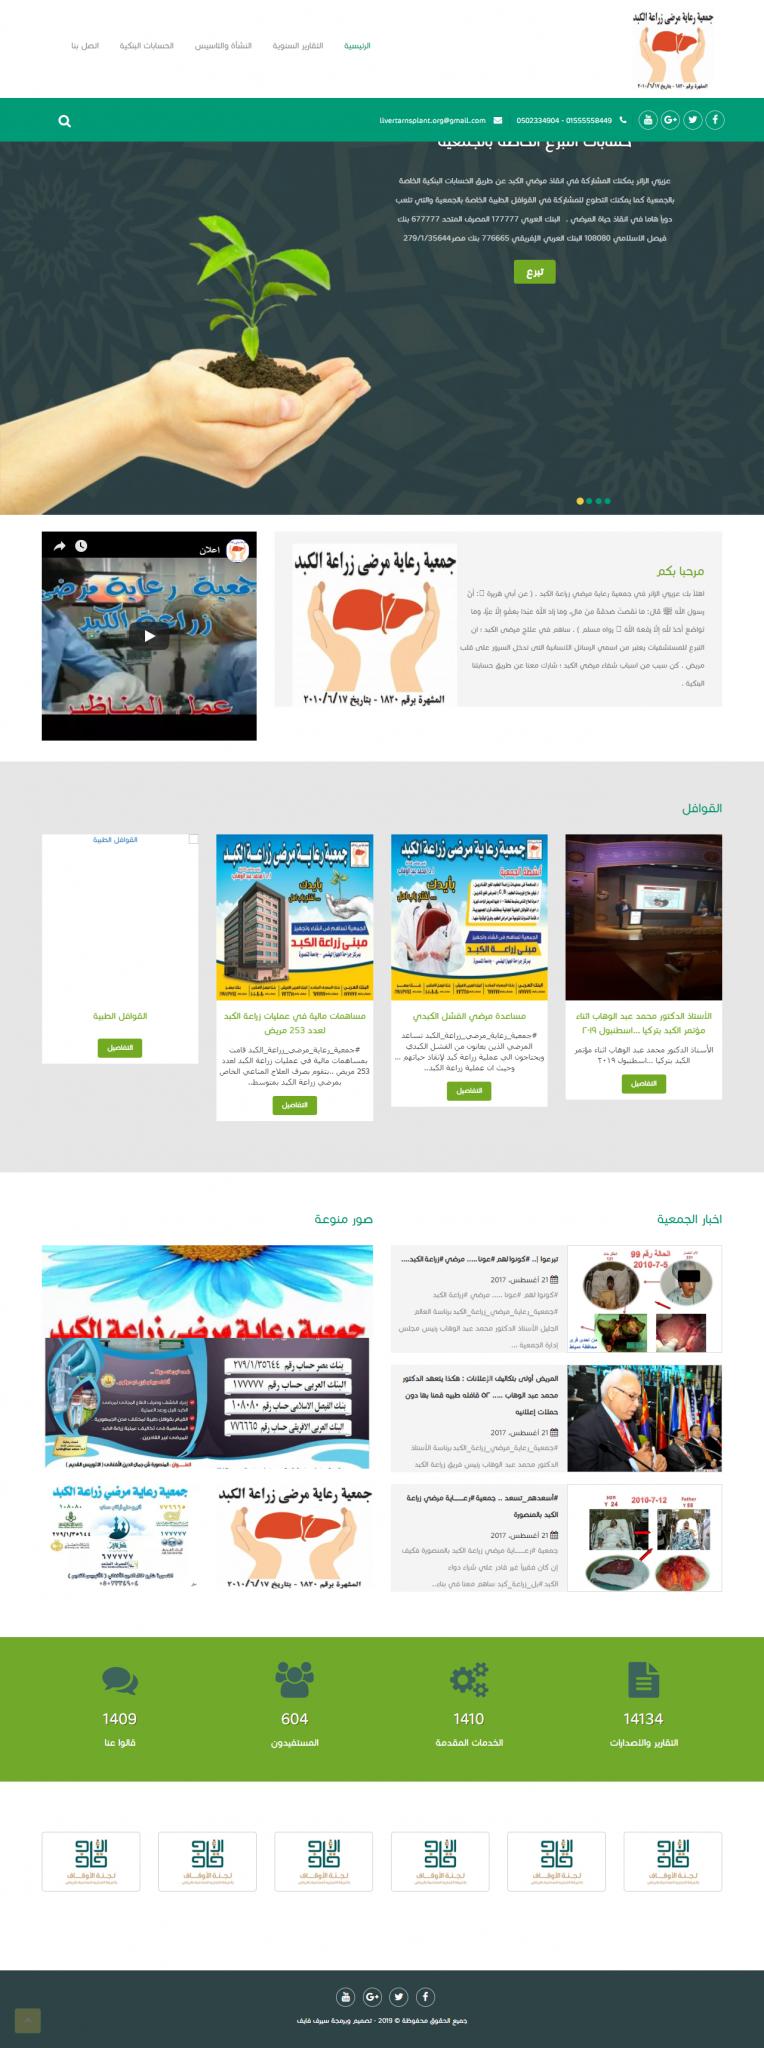 تصميم موقع جمعيه زراعه الكبد بمصر